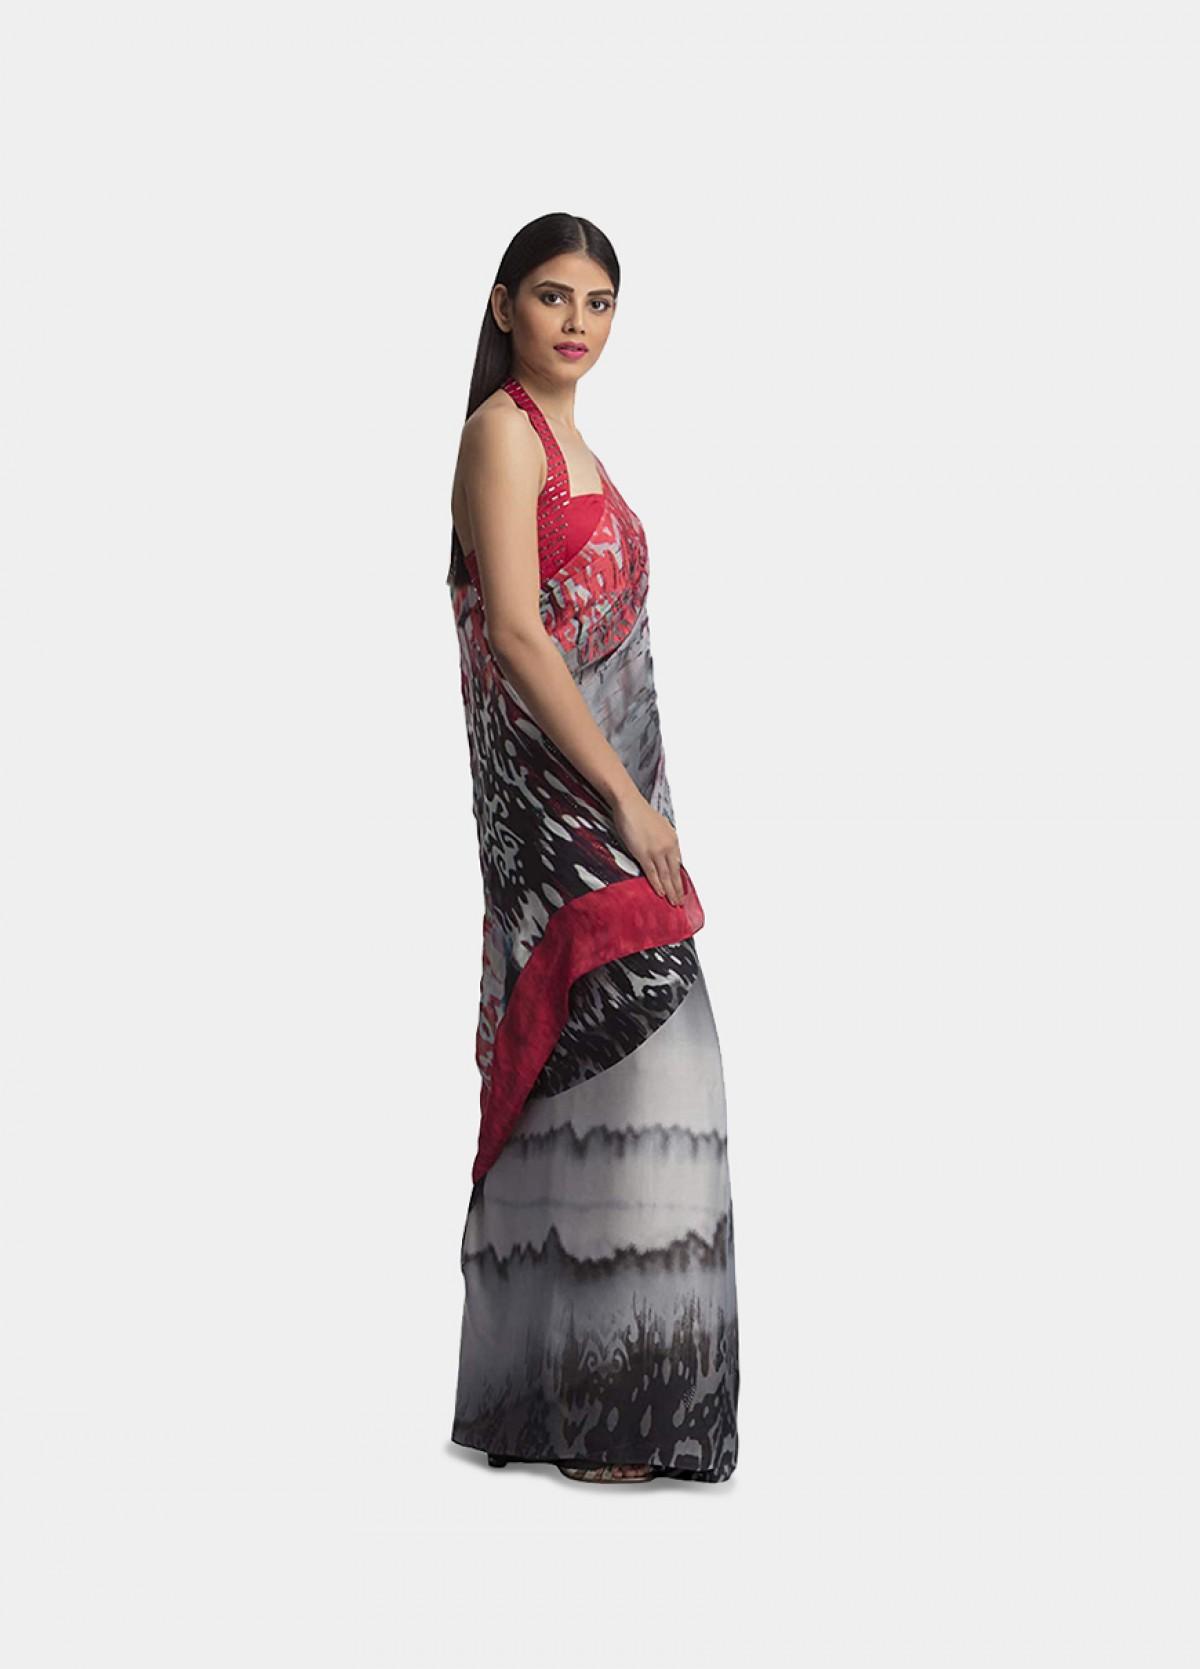 The Ikat Sari